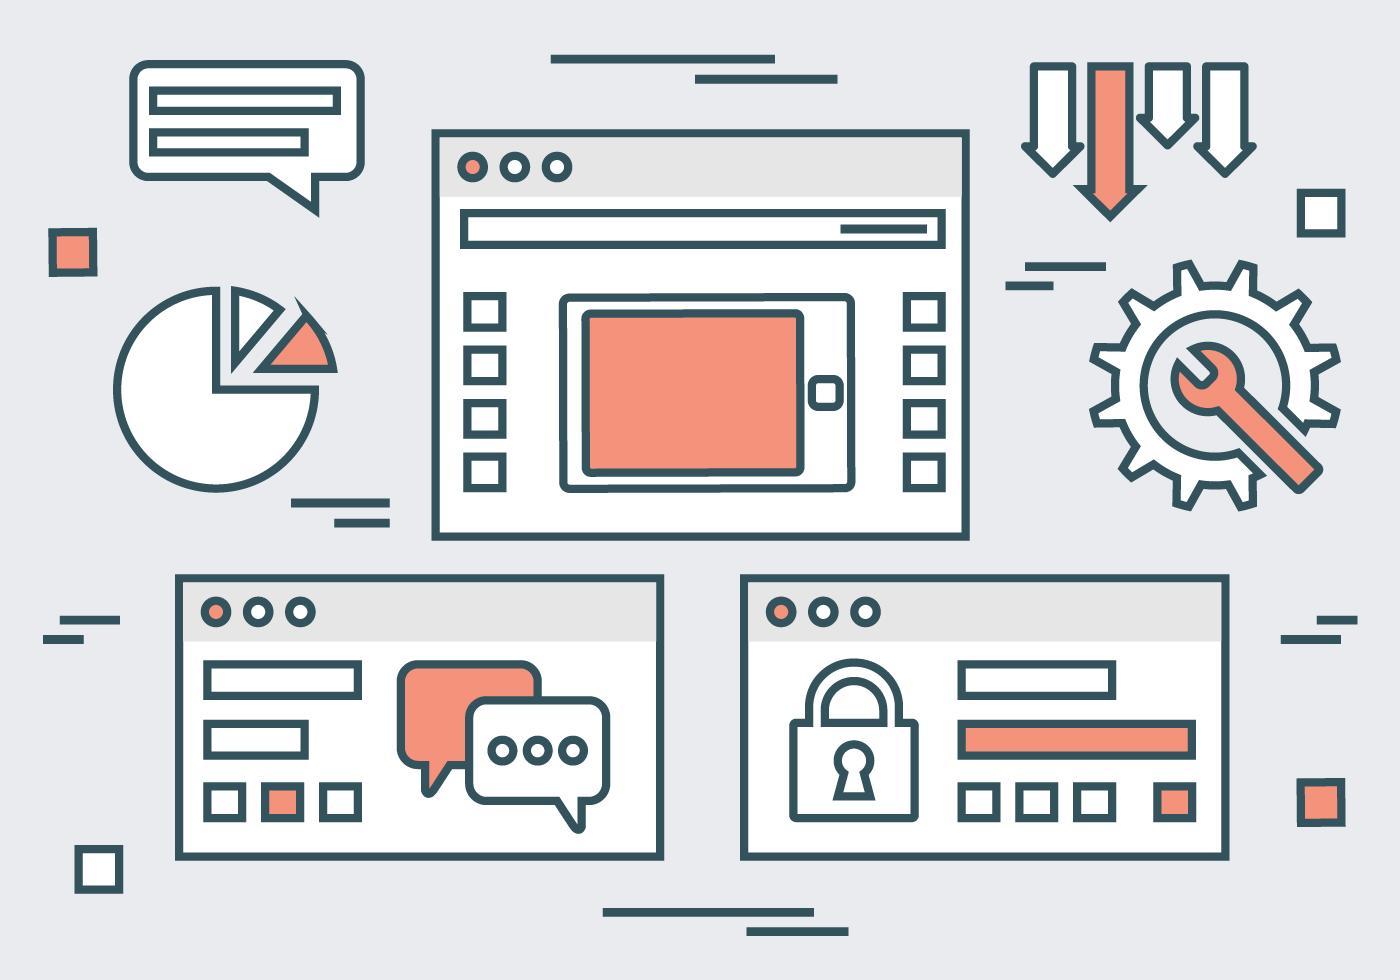 WEBサイト改善を成功させるための4つのポイント